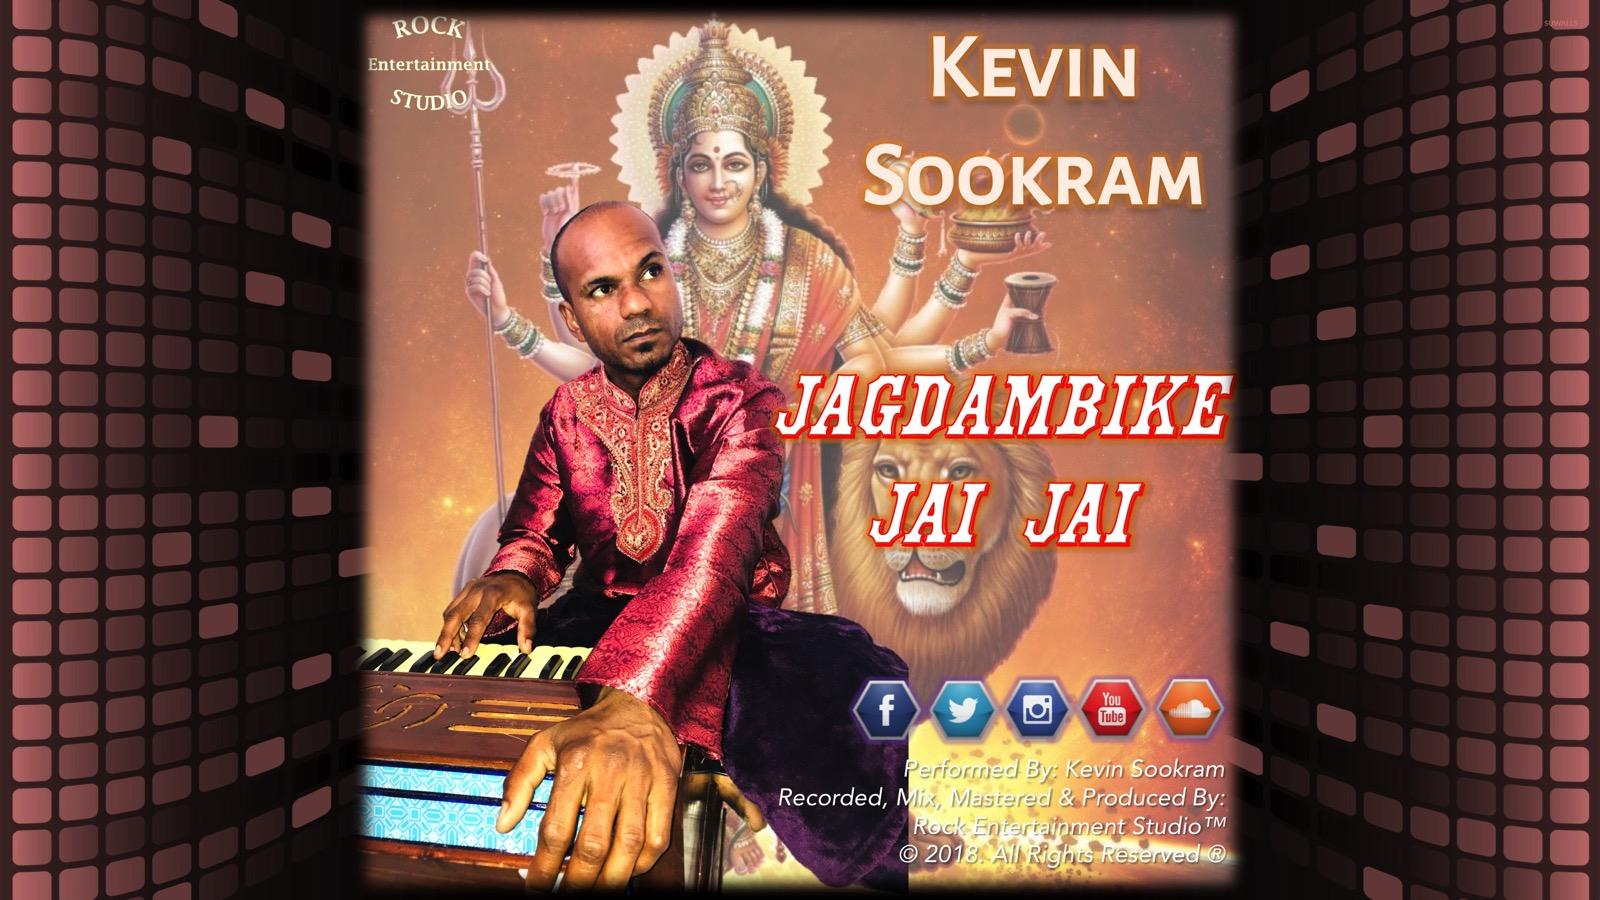 Jagdambike Jai Jai By Kevin Sookram